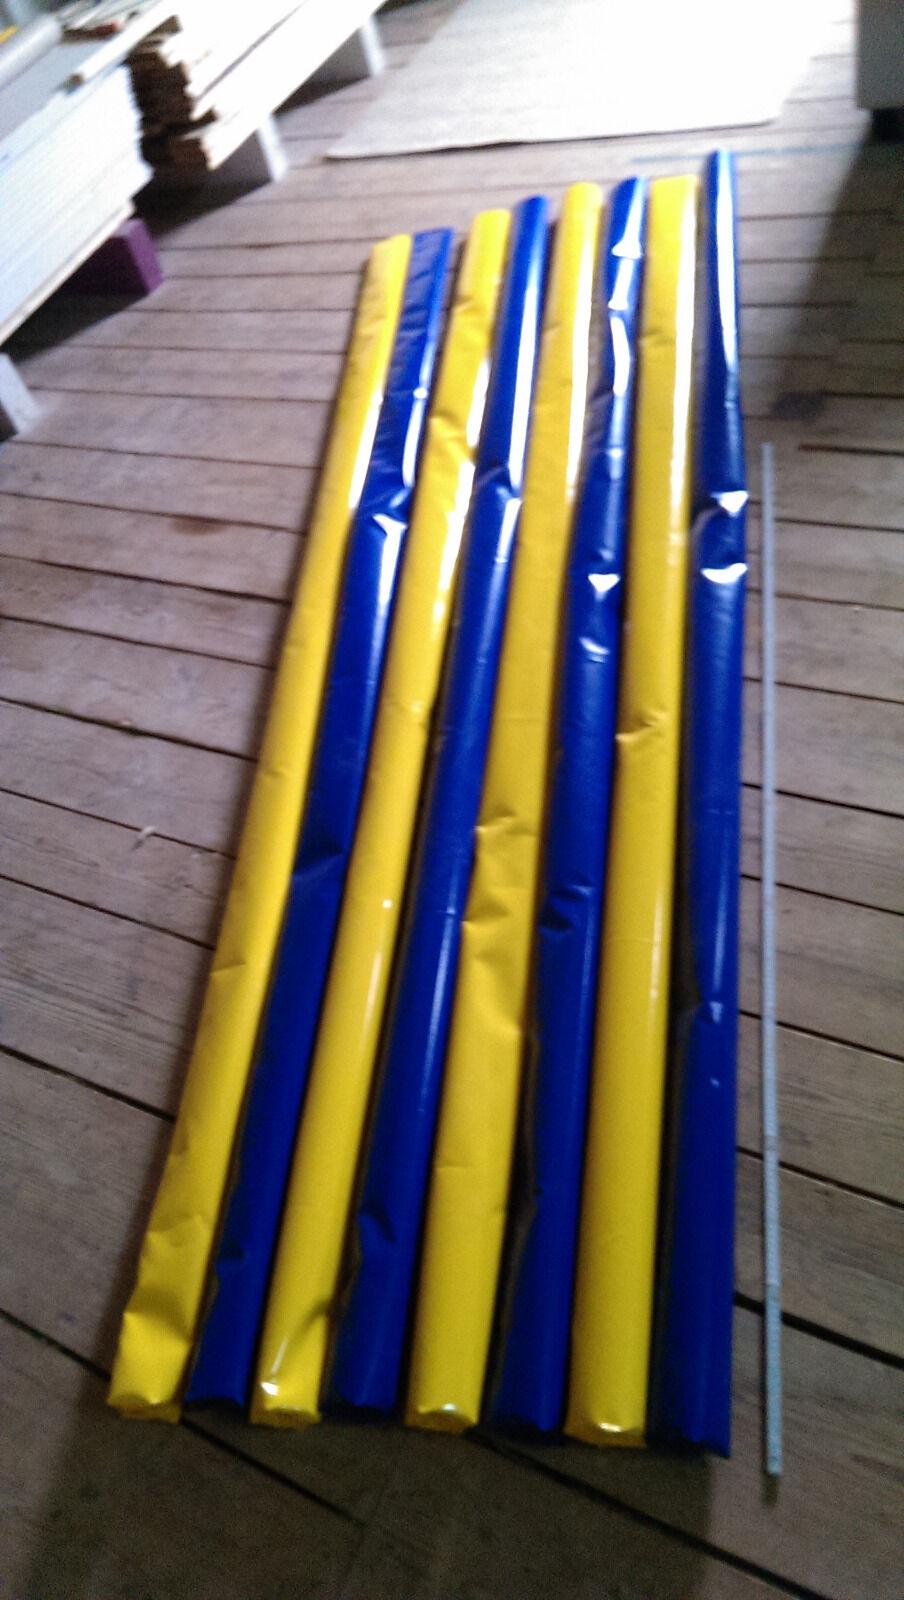 4 Bodenarbeit Stangen 2 Blau 2 Gelb 3,2m Gefüllt Trabstangen dual aktivierung